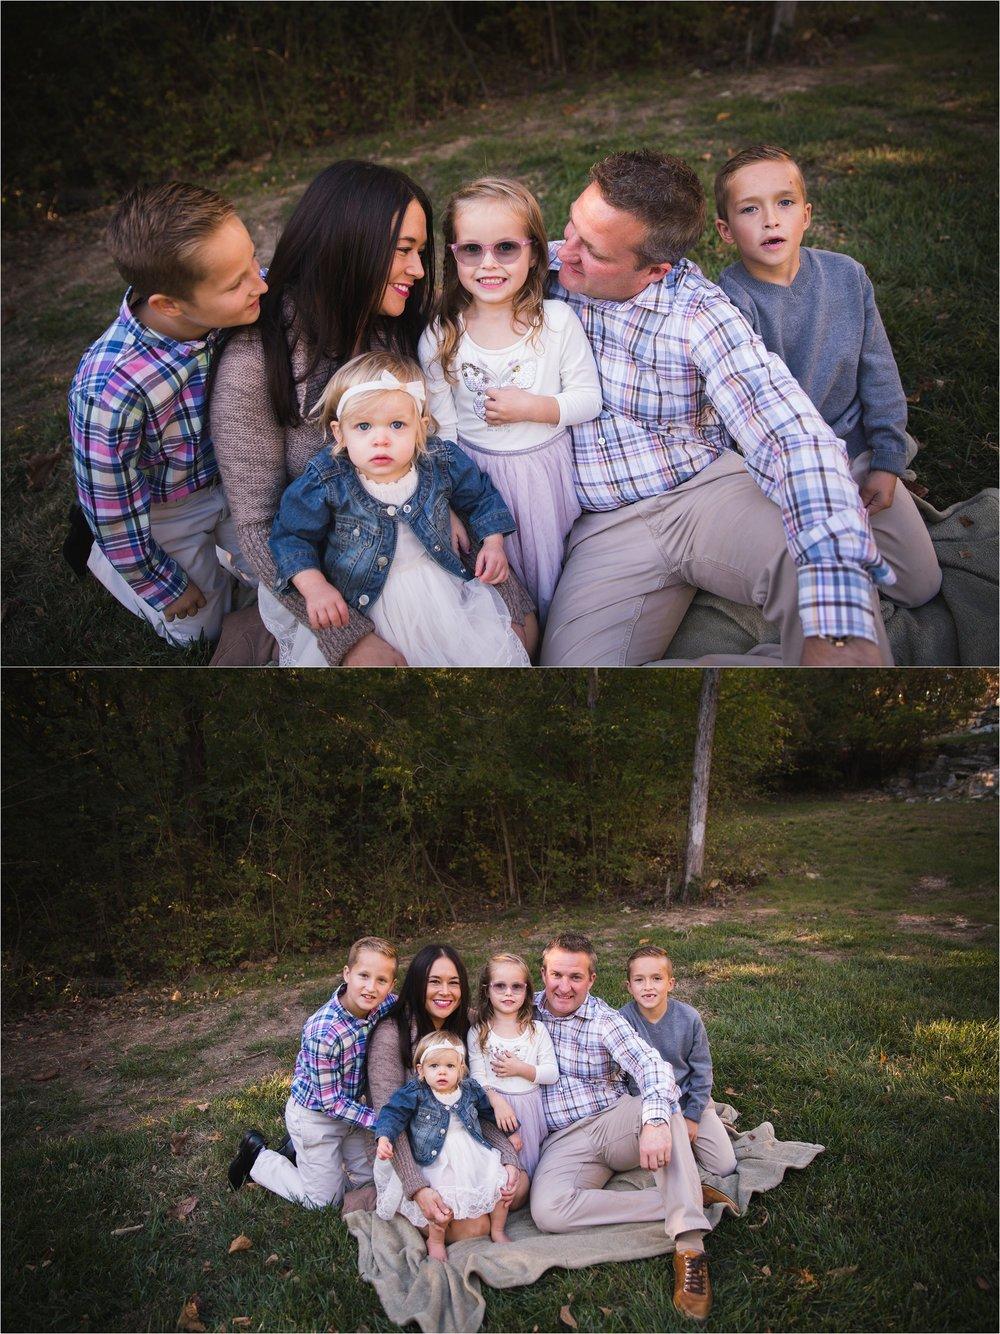 SHERRYLANEPHOTOGRAPHY_STLOUISFAMILYPHOTOGRAPHER_DOBBSFAMILY__2018 (5).jpg